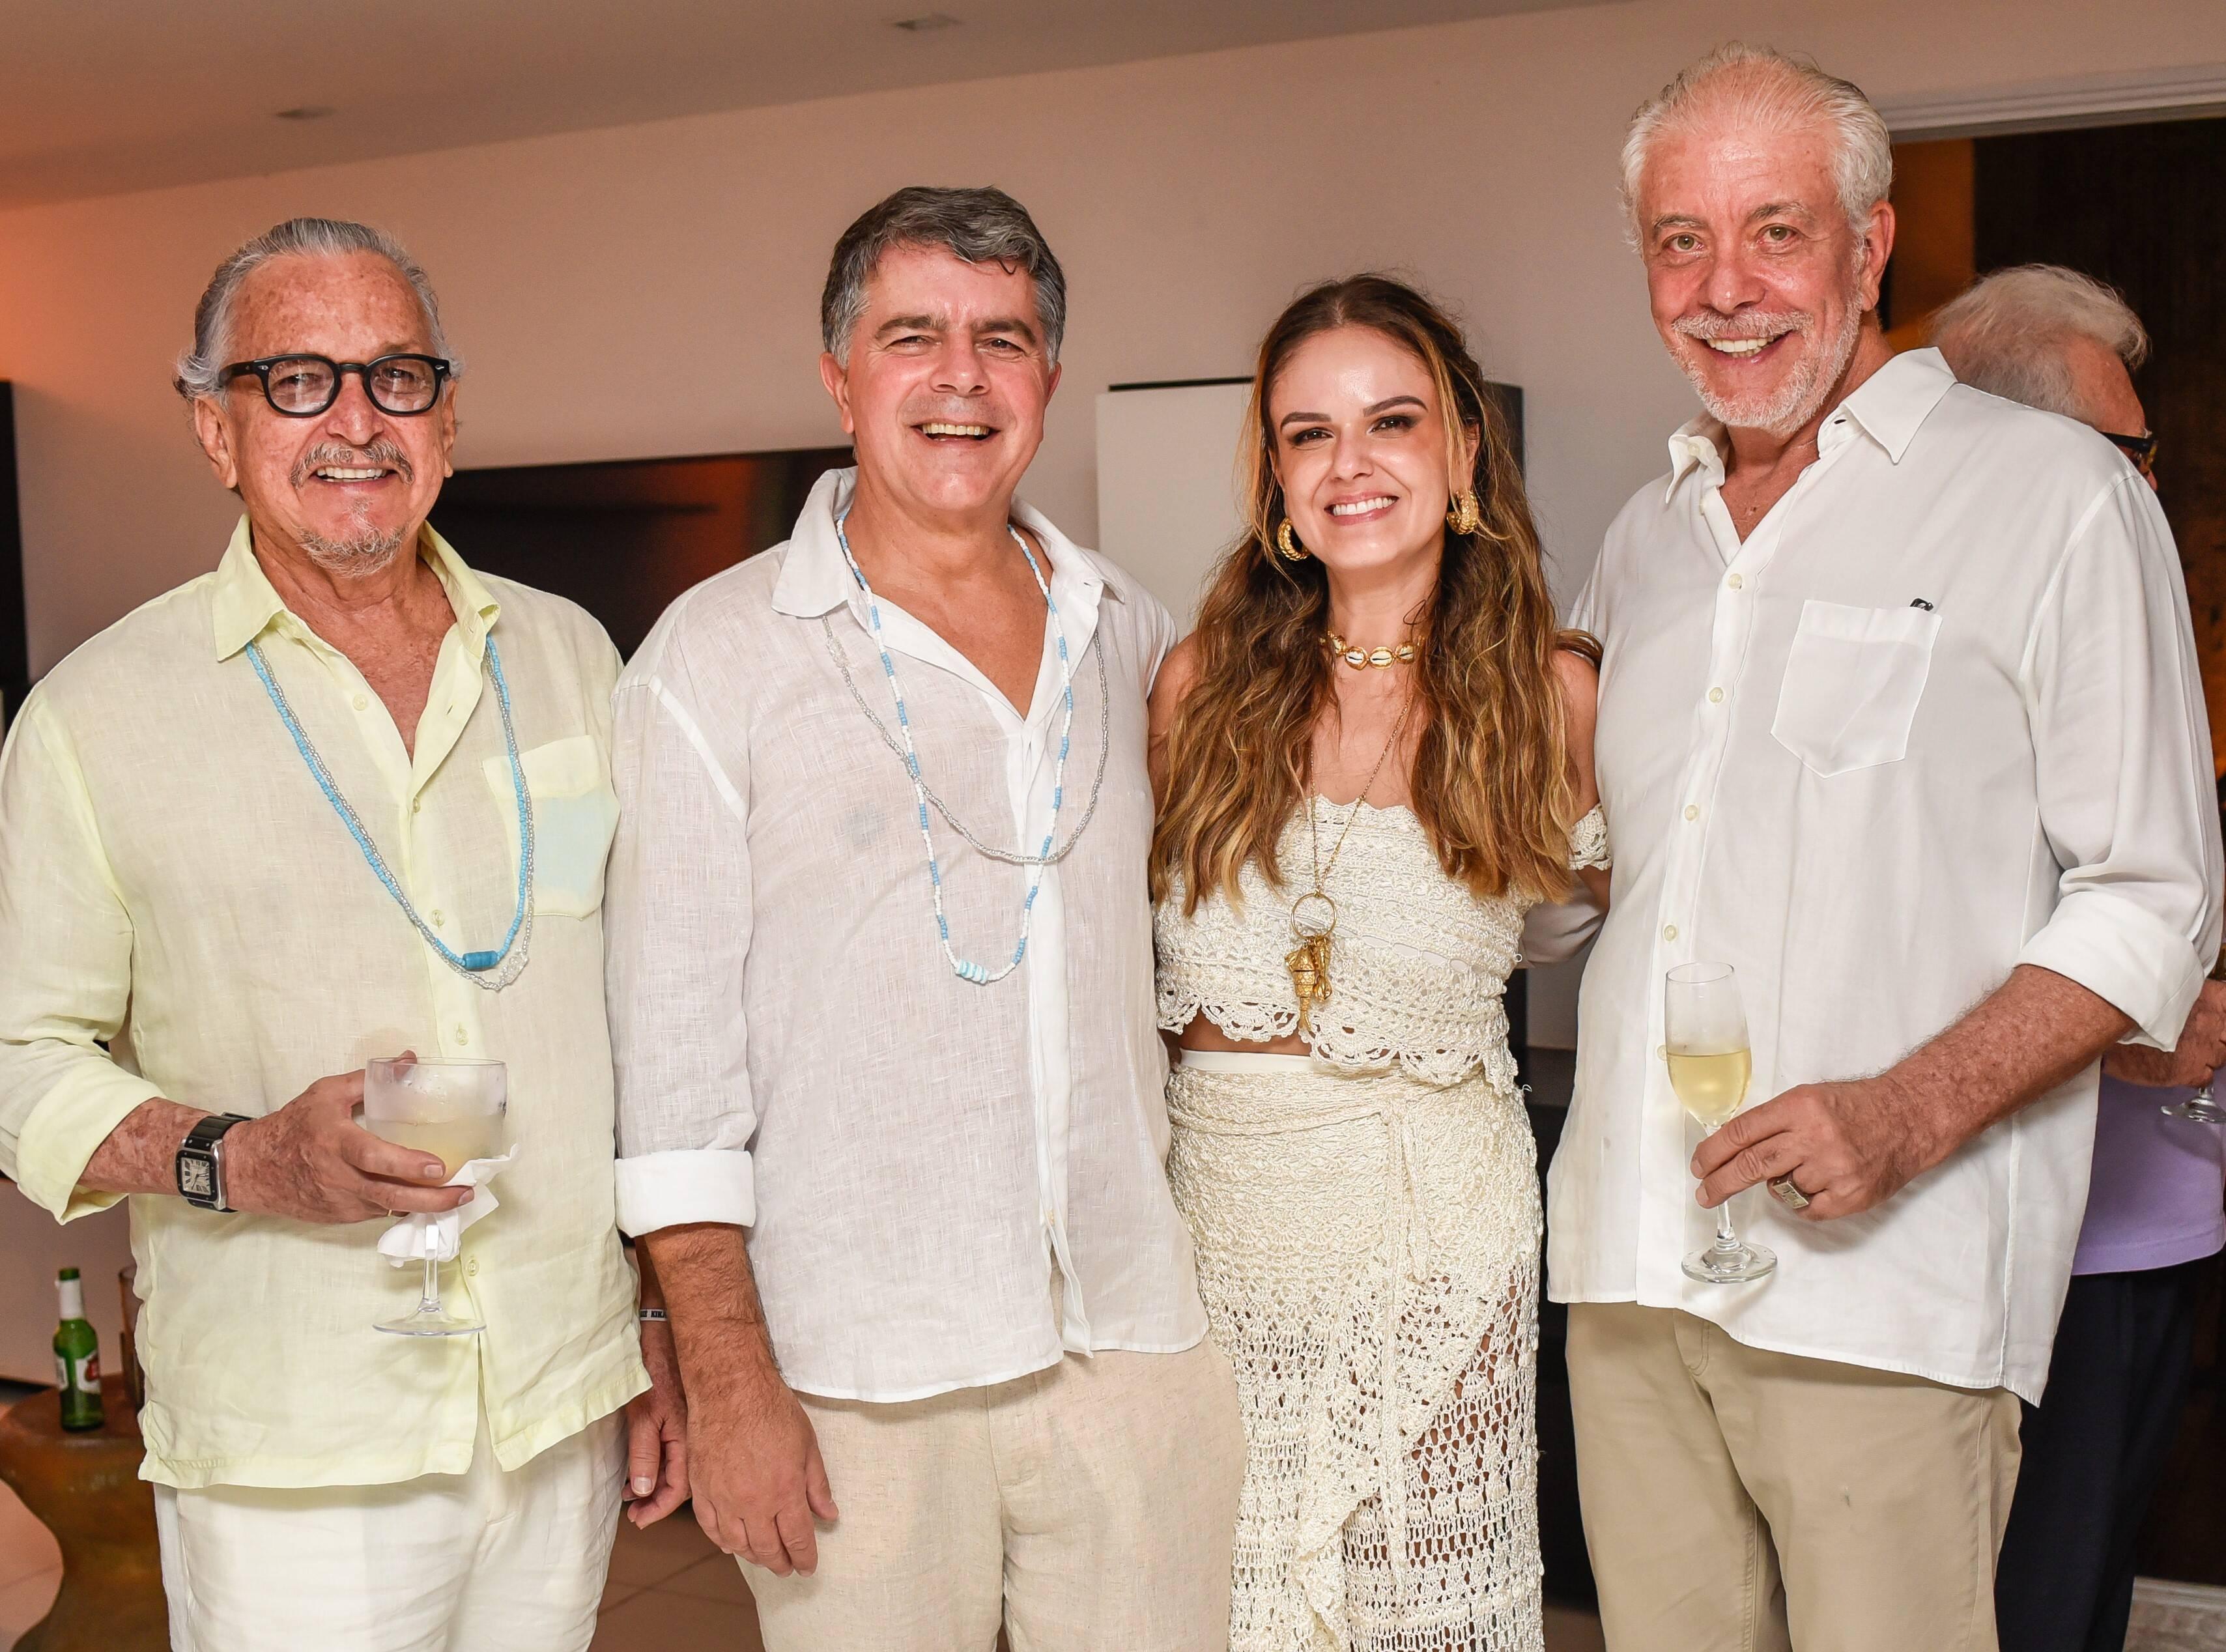 Antenor Barbosa Lima, Avelino Oliveira, Kika Cavalcanti e Antonio Bernardo /Foto: Mariama Prieto